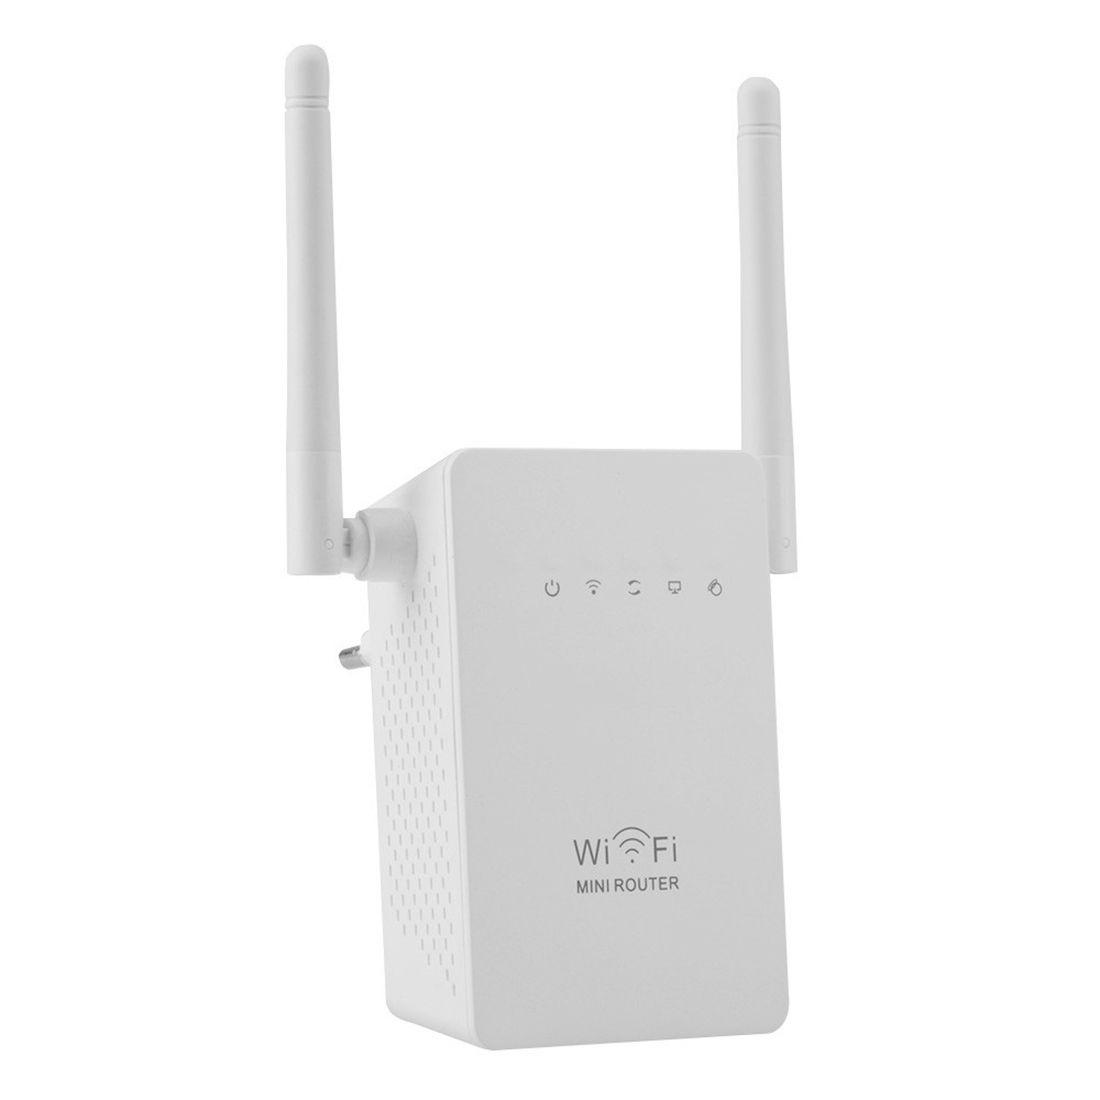 NOYOKERE 300Mbps WiFi répéteur gamme réseau Extender Booster N300 simple augmentation double antennes externes ue prise américaine